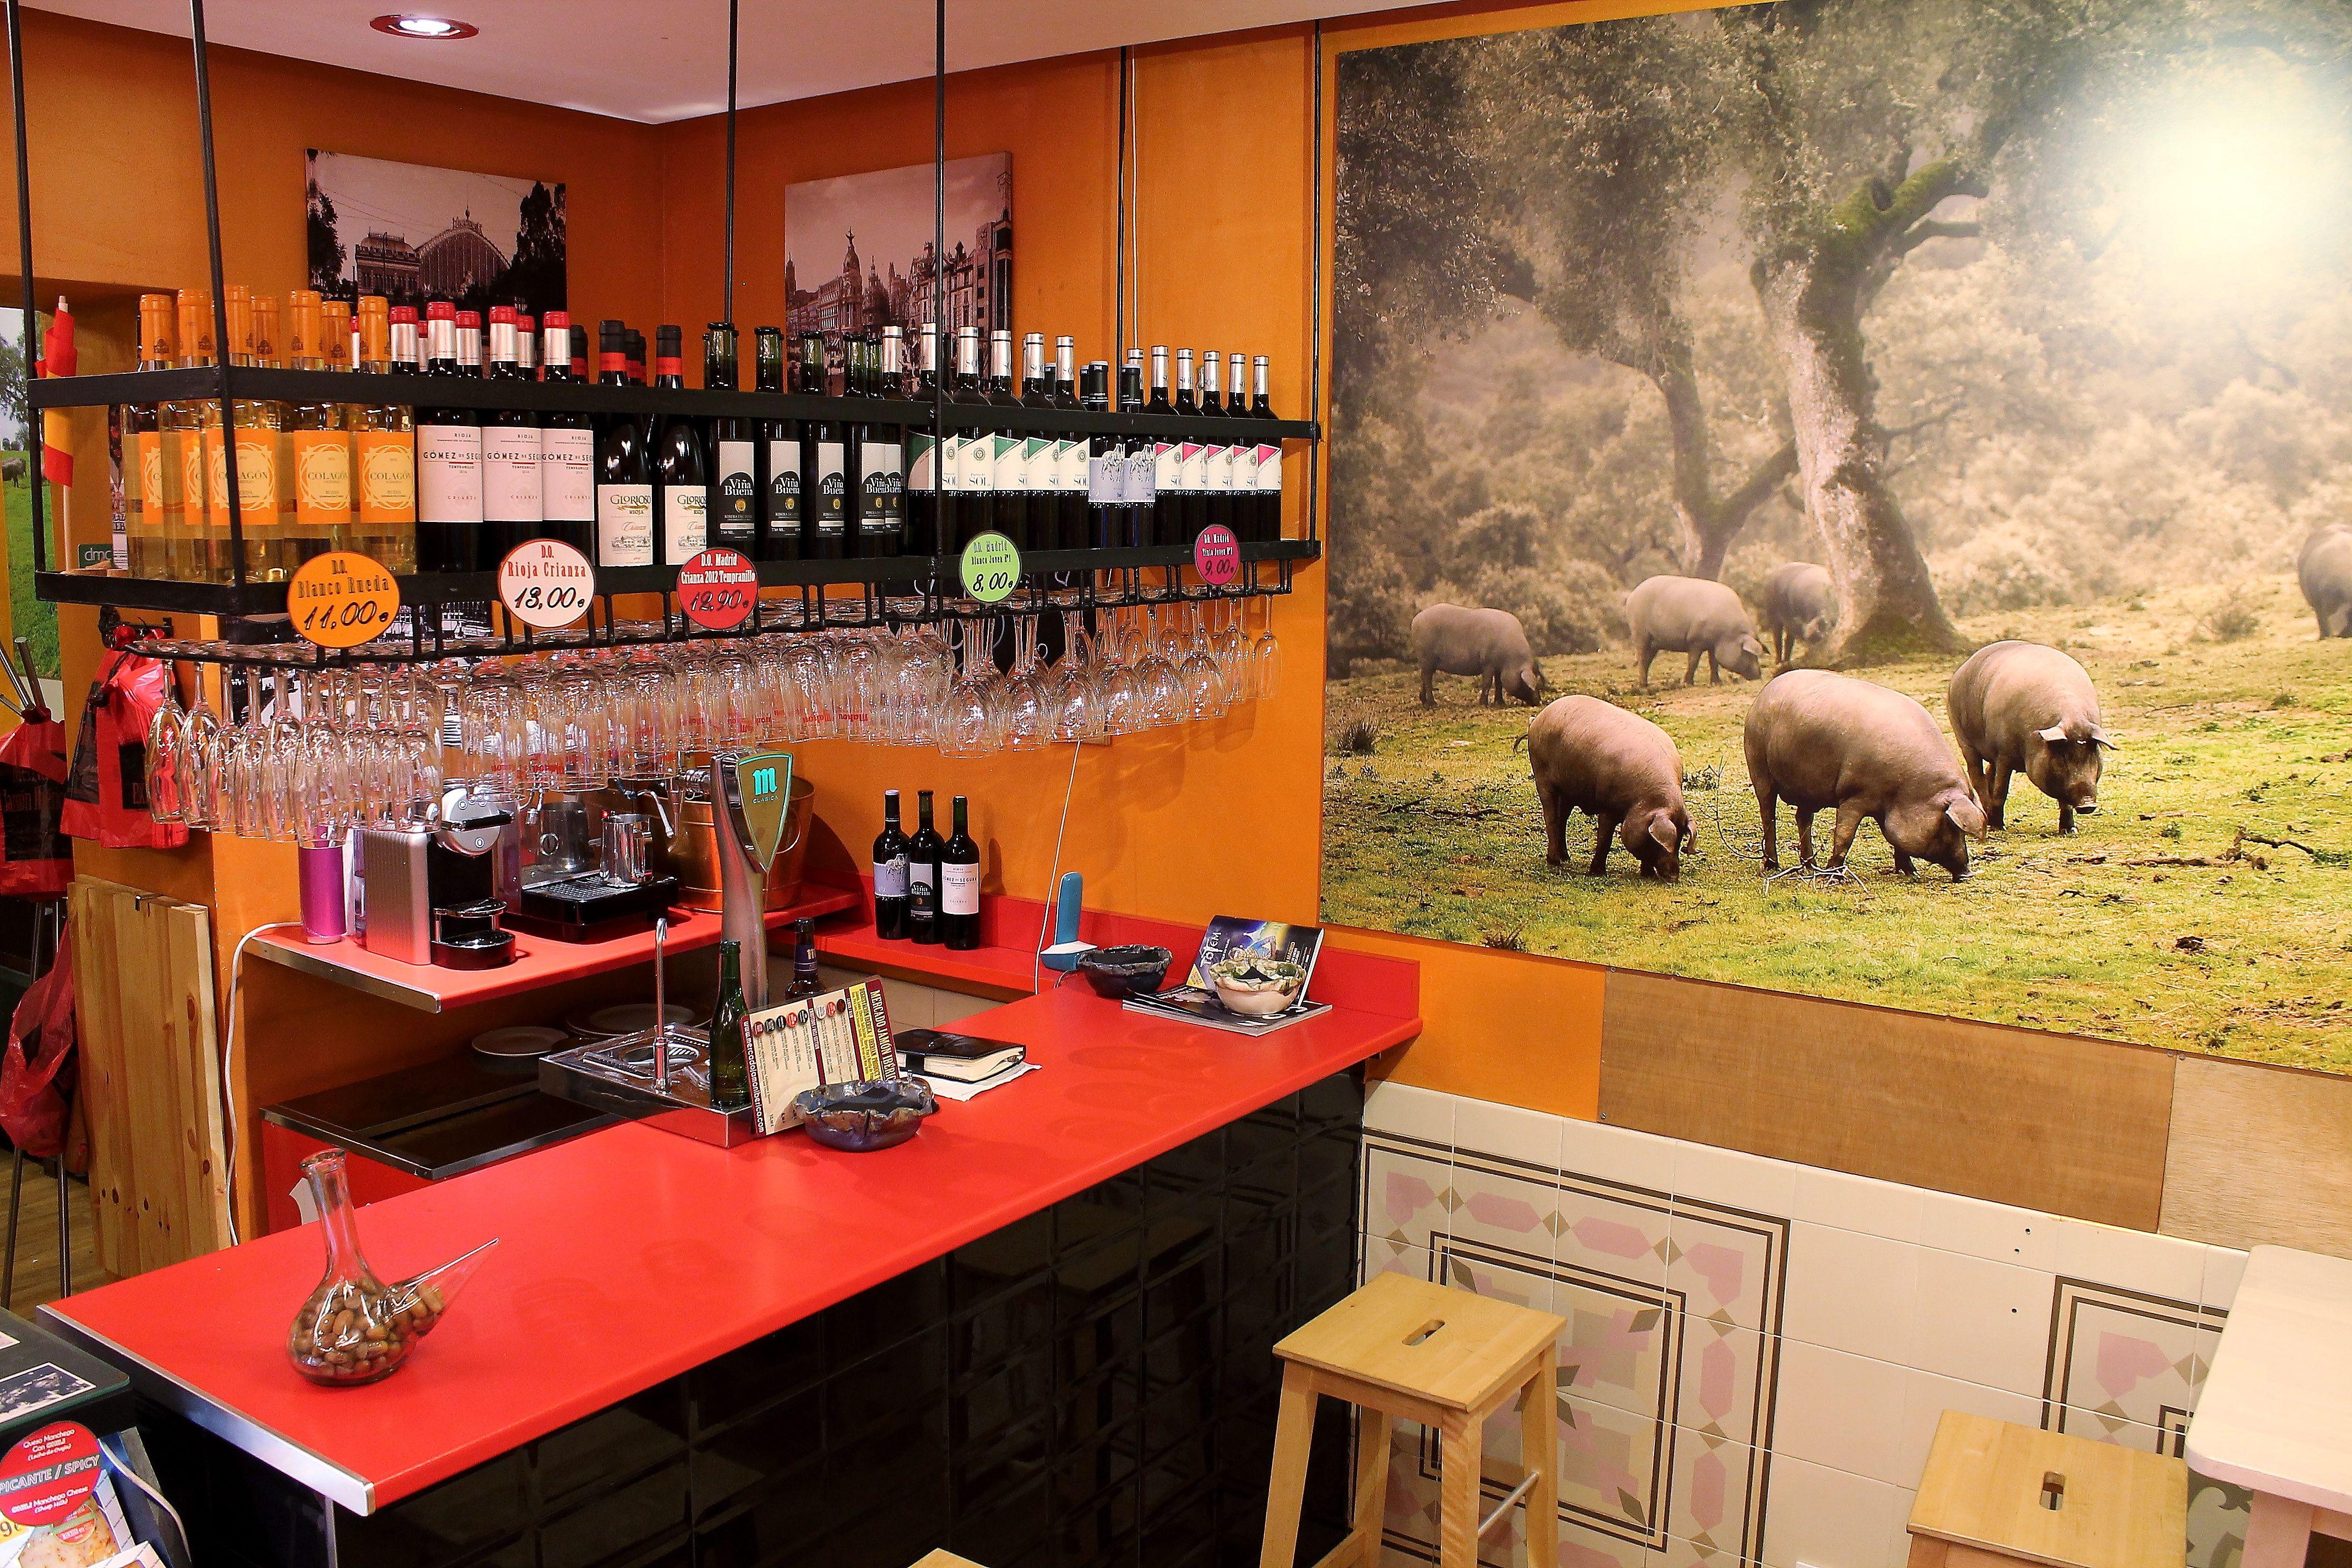 Tienda delicatessen en Madrid centro